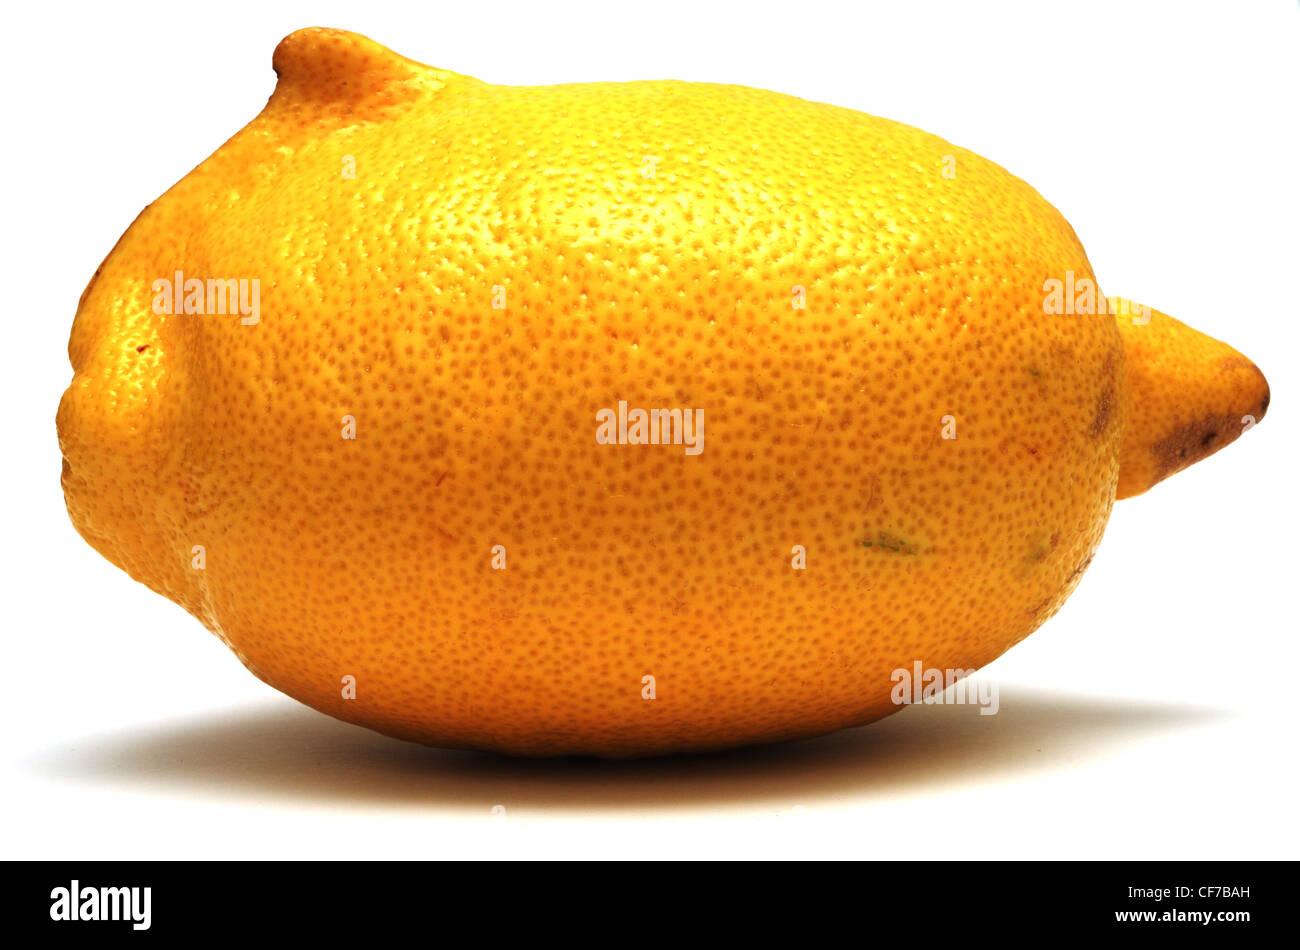 frische gelbe Zitrone ungewöhnliche Form auf weißem Hintergrund Stockbild